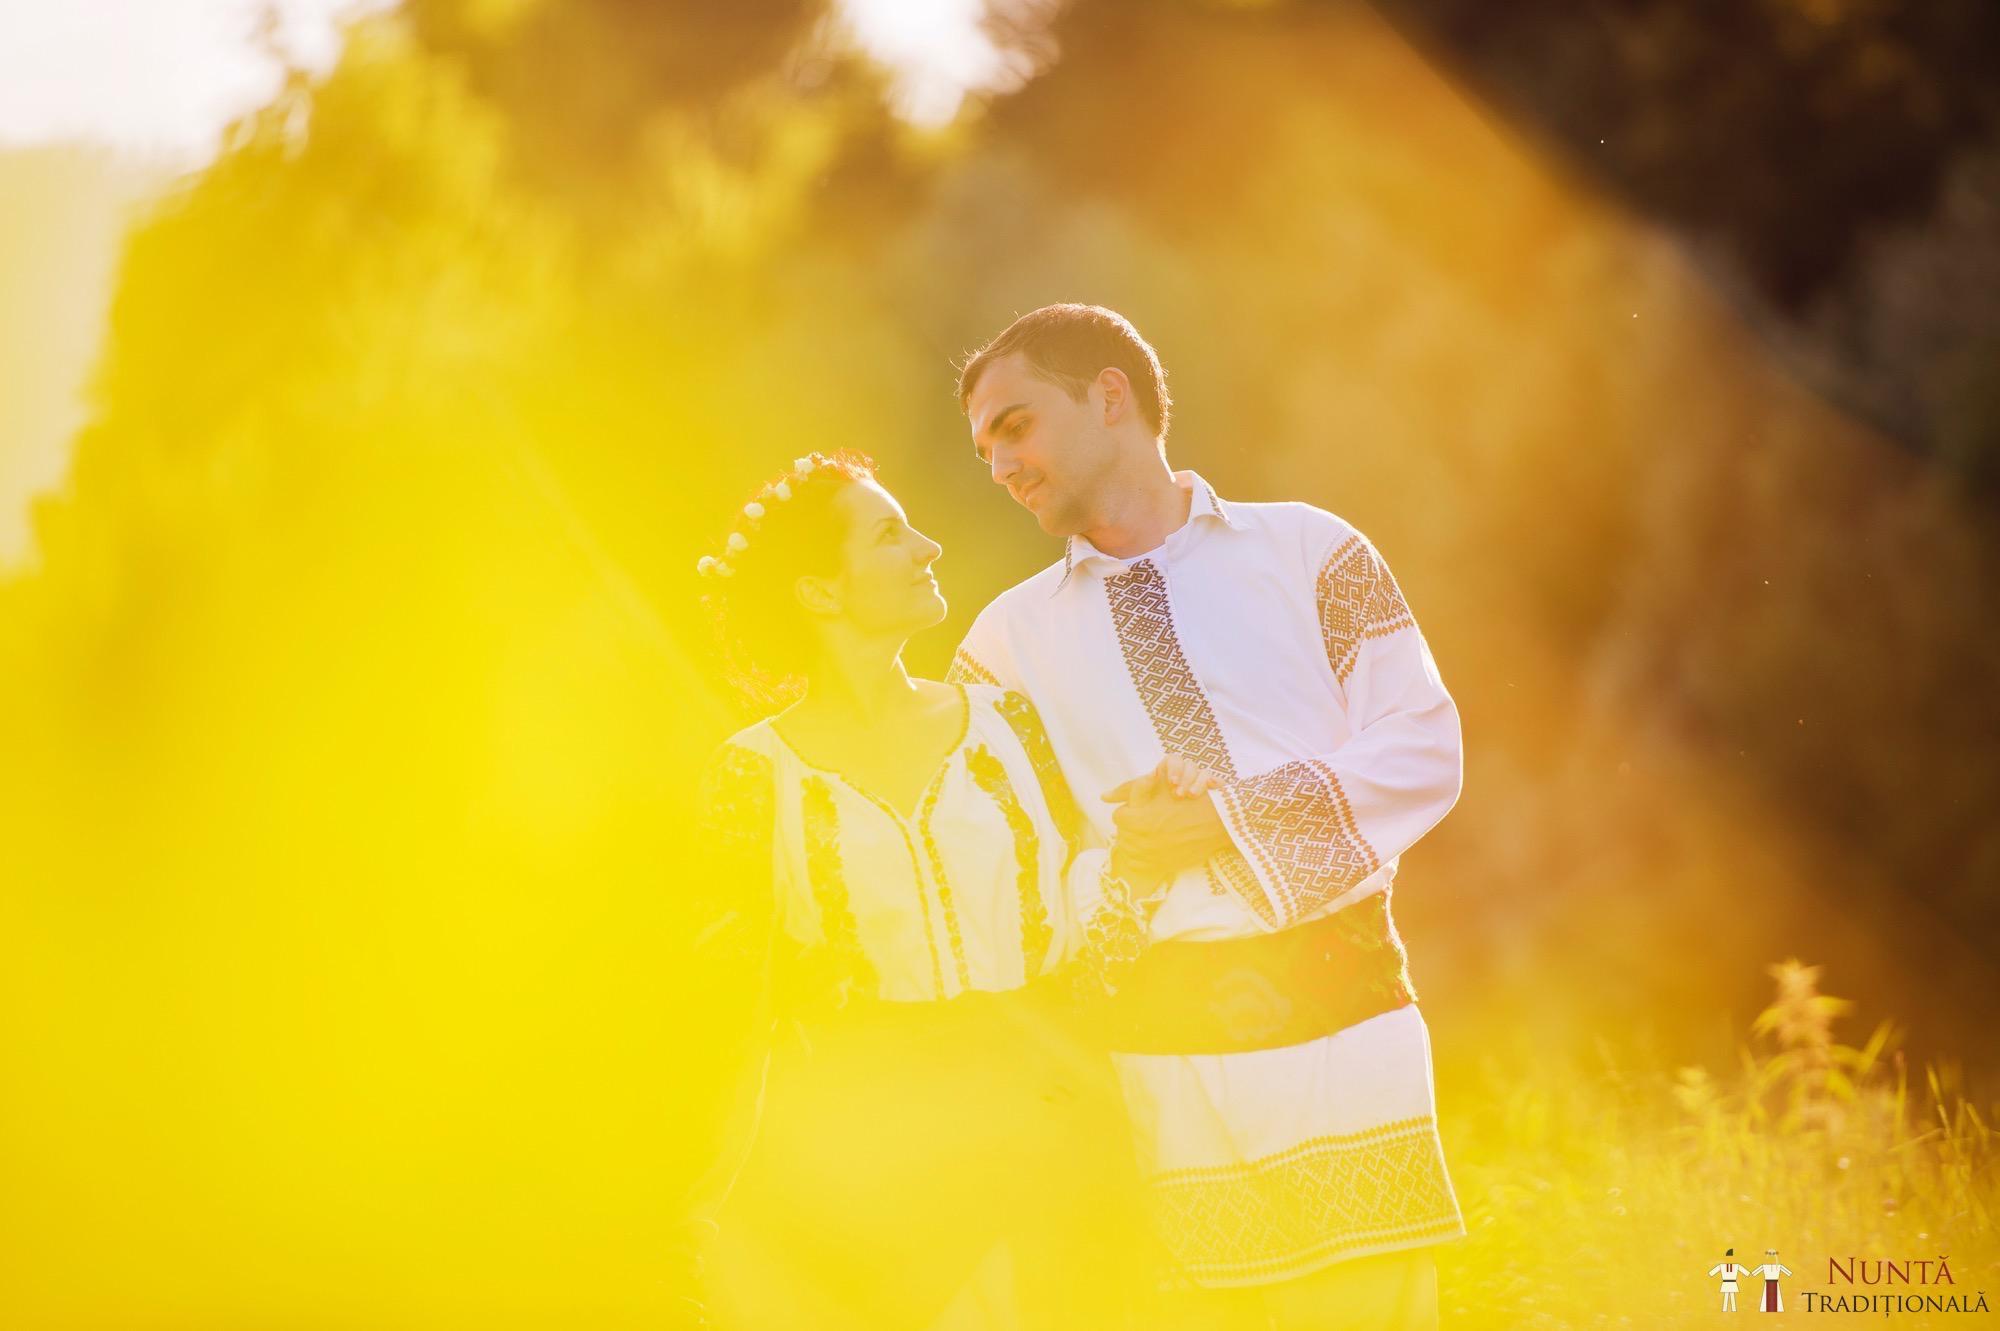 Povești Nunți Tradiționale - Gabriela și Mădălin - Nuntă Tradițională în Suceava, Bucovina 5